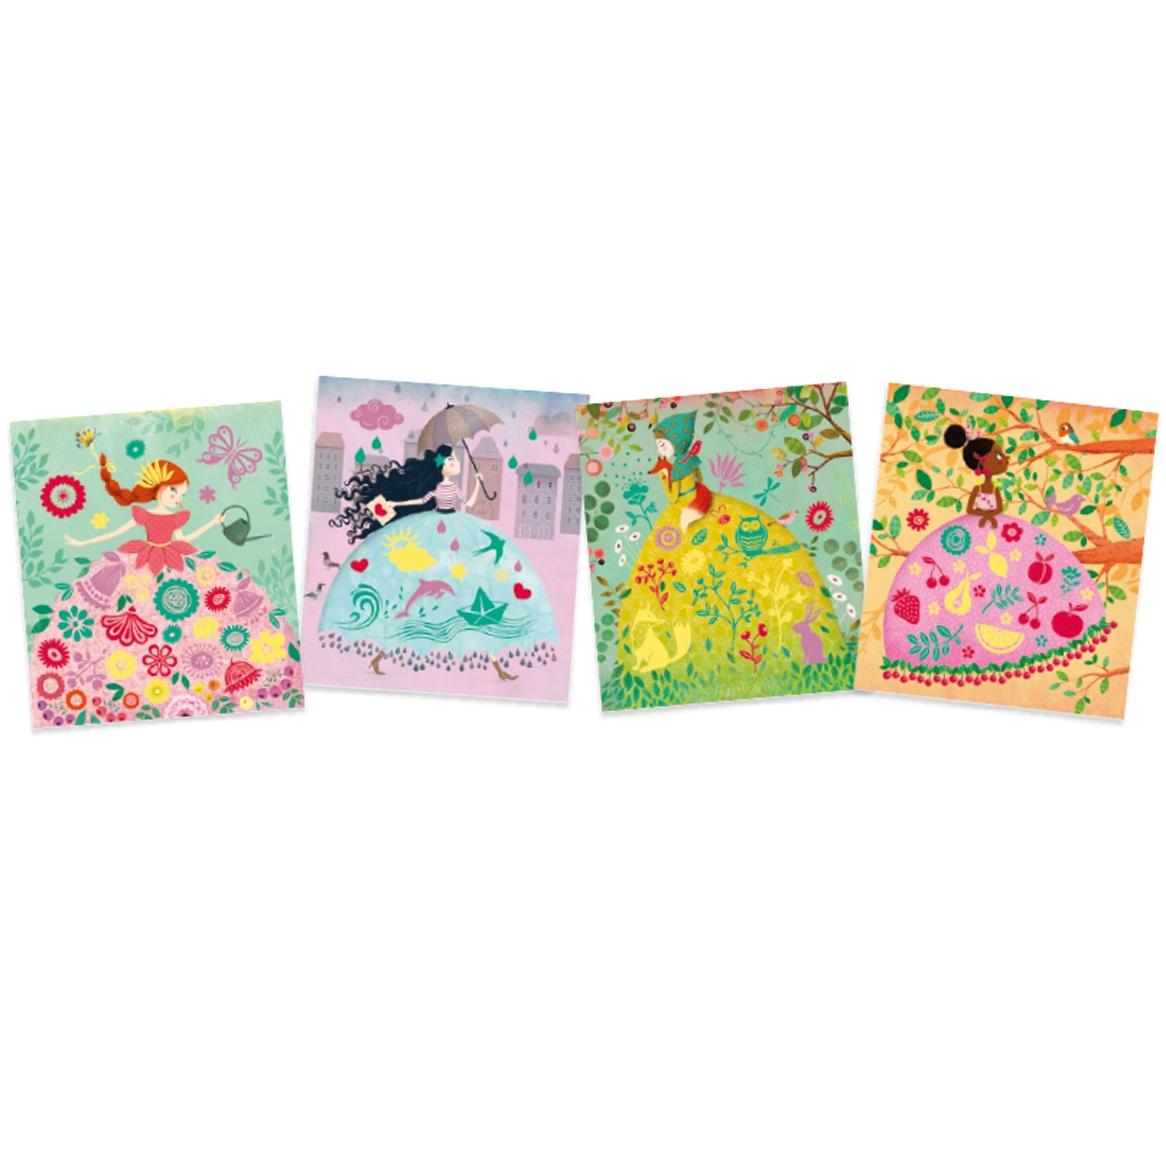 Bársonykép készítés - Kis hölgyek - Collages - Fair maidens - 2